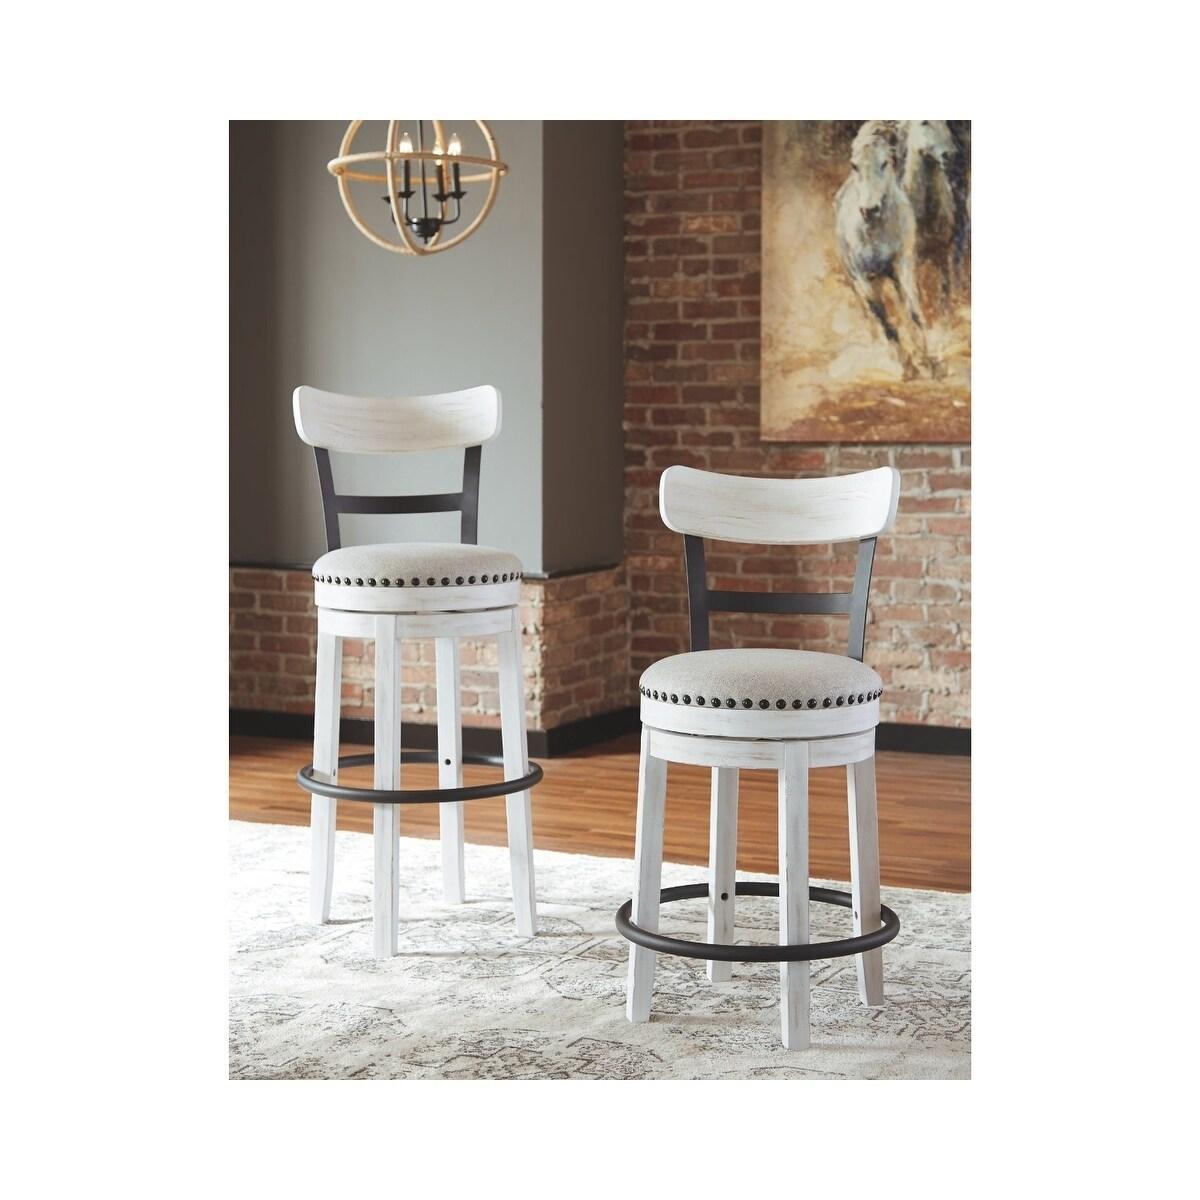 Phenomenal Valebeck Bar Height Swivel Barstool White Uwap Interior Chair Design Uwaporg